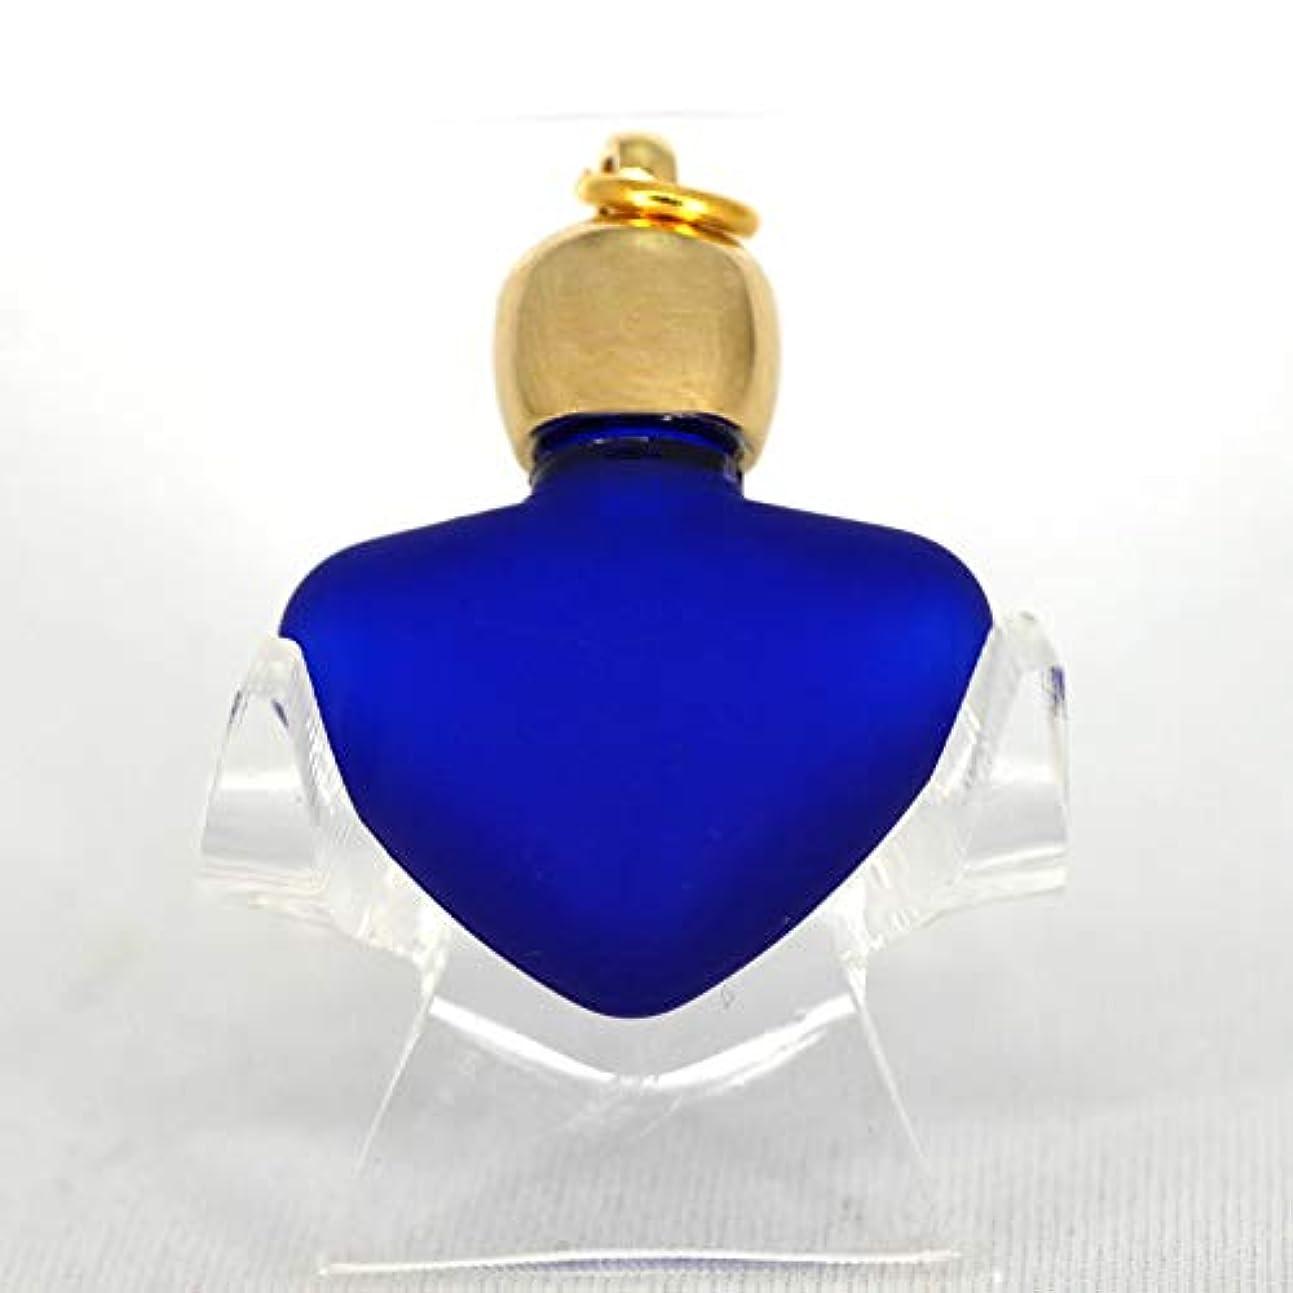 汚れた完璧な枠ミニ香水瓶 アロマペンダントトップ ハートコバルトブルーフロスト(コバルトブルーすりガラス)0.8ml?ゴールド?穴あきキャップ、パッキン付属【アロマオイル?メモリーオイル入れにオススメ】